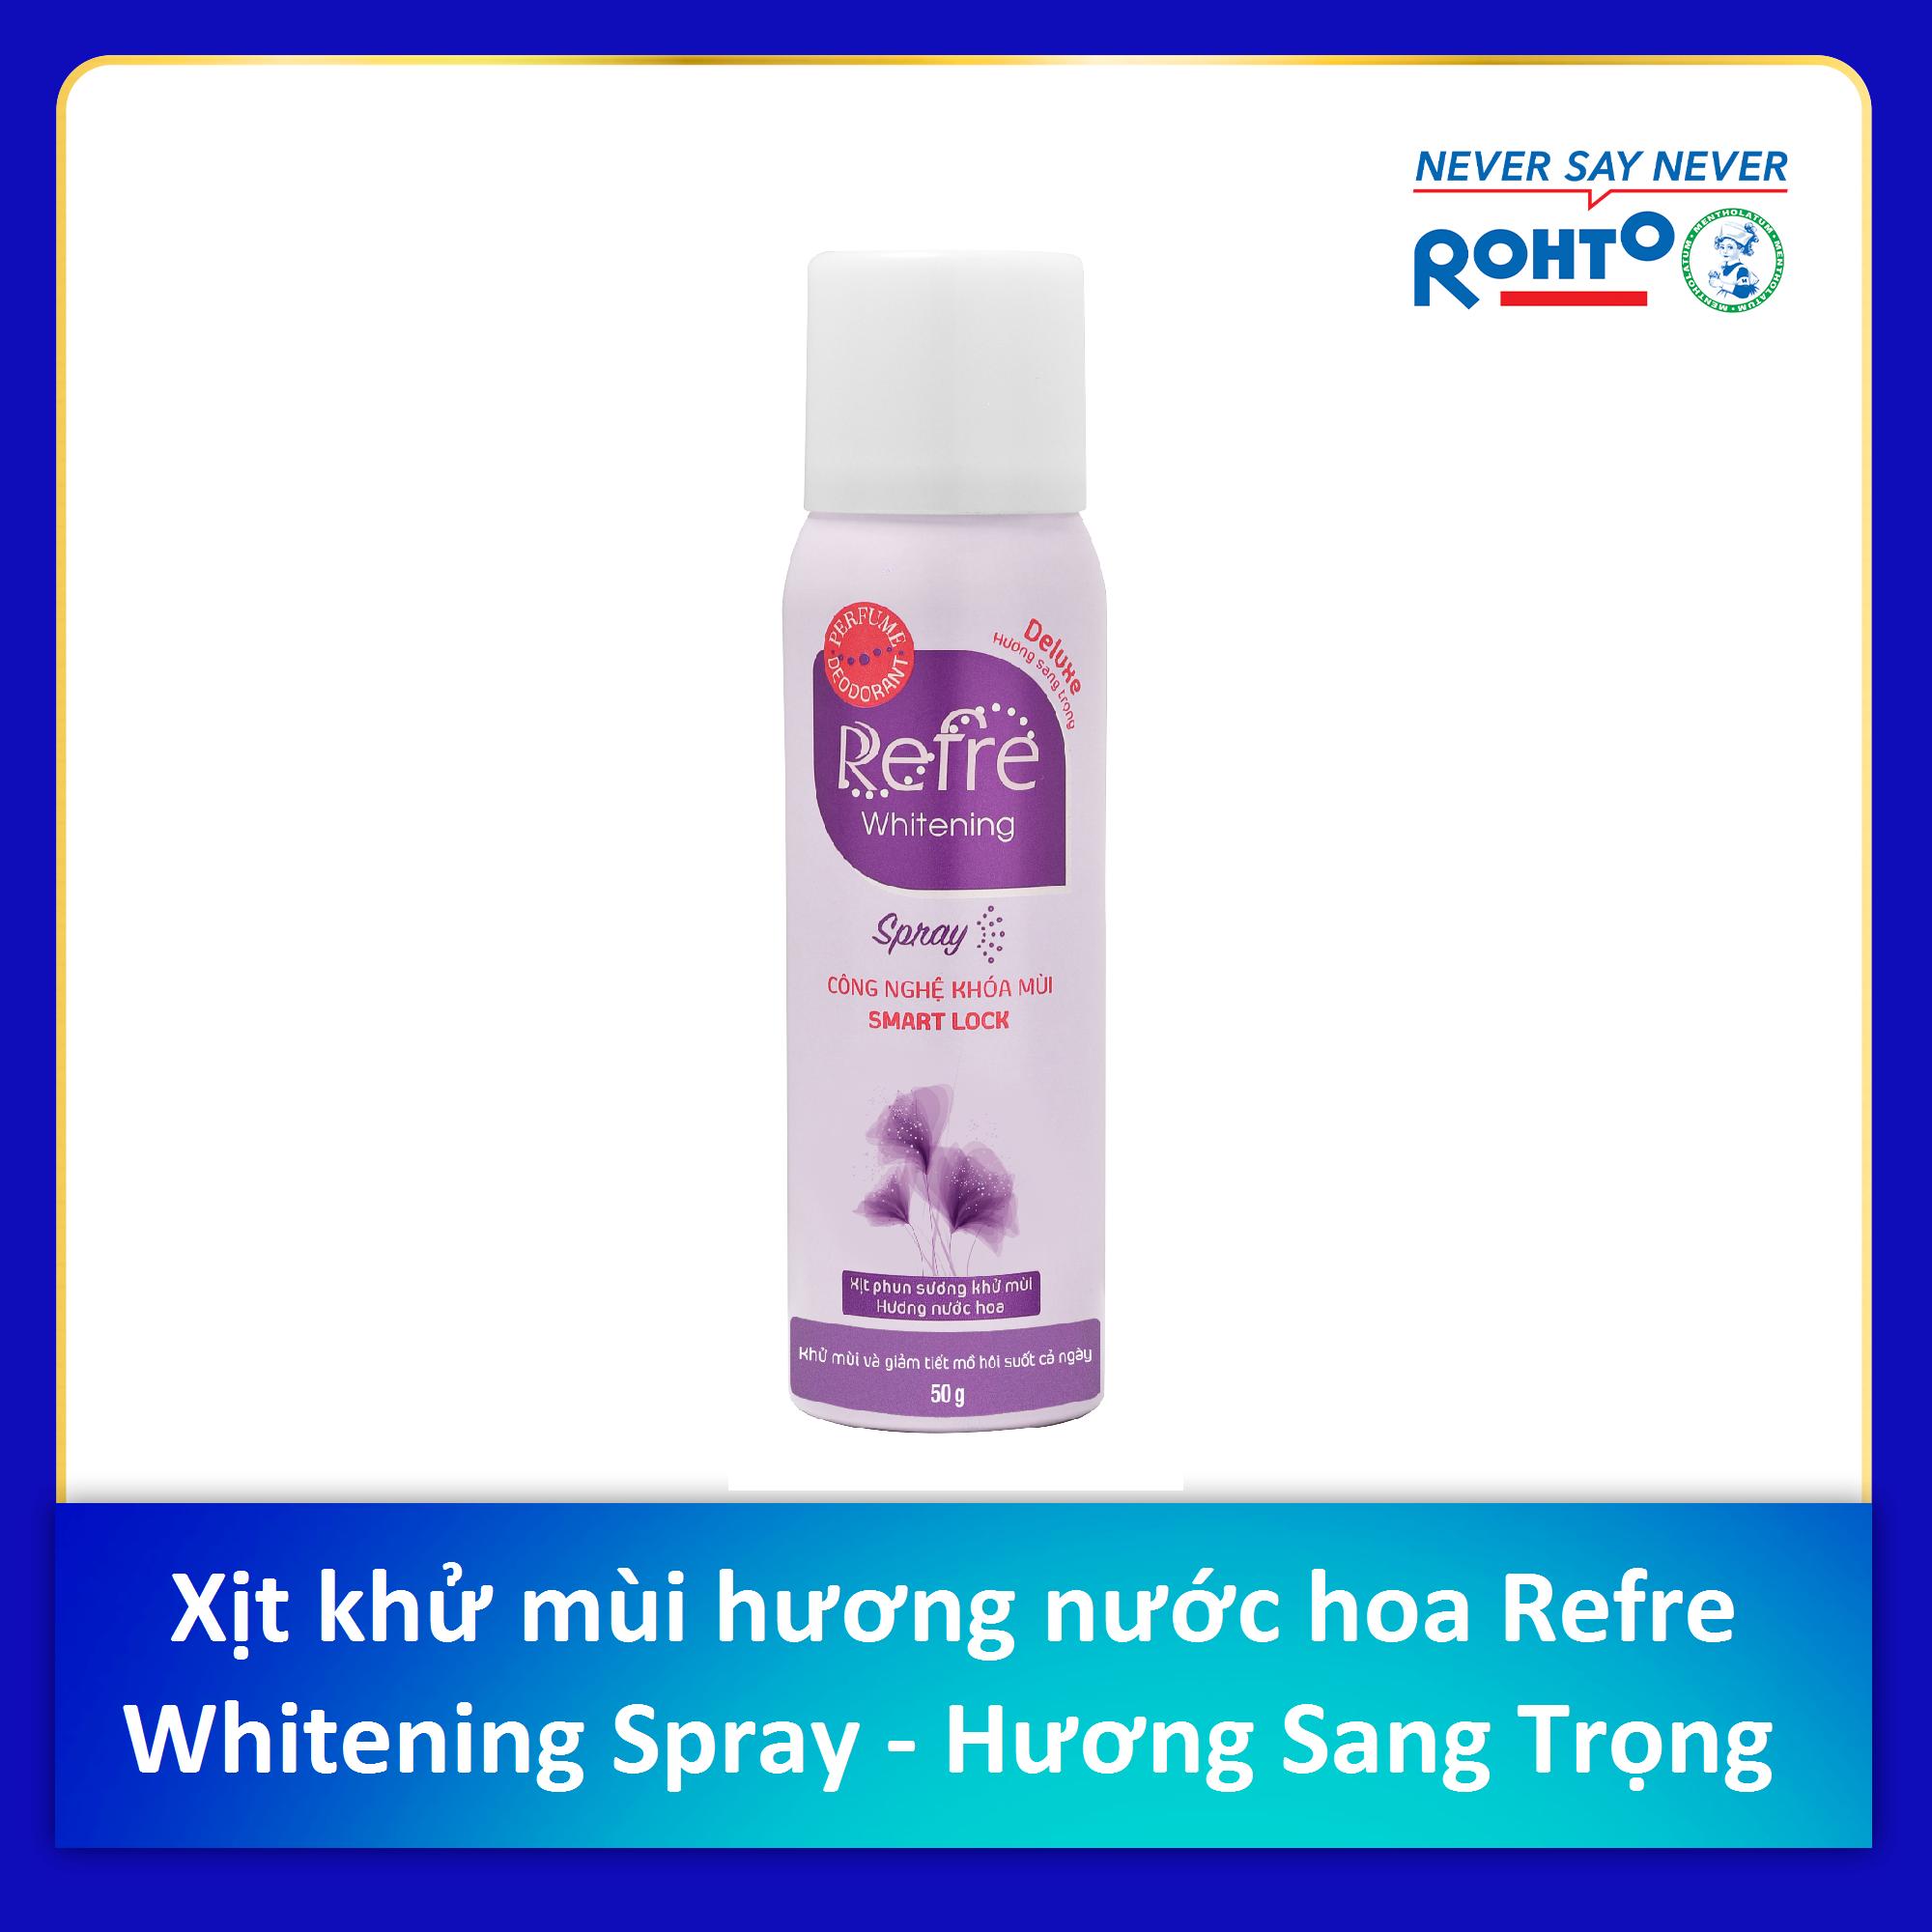 Xịt phun sương khử mùi dưỡng trắng hương nước hoa Refre Whitening Spray Deluxe Hương Sang Trọng (50g)